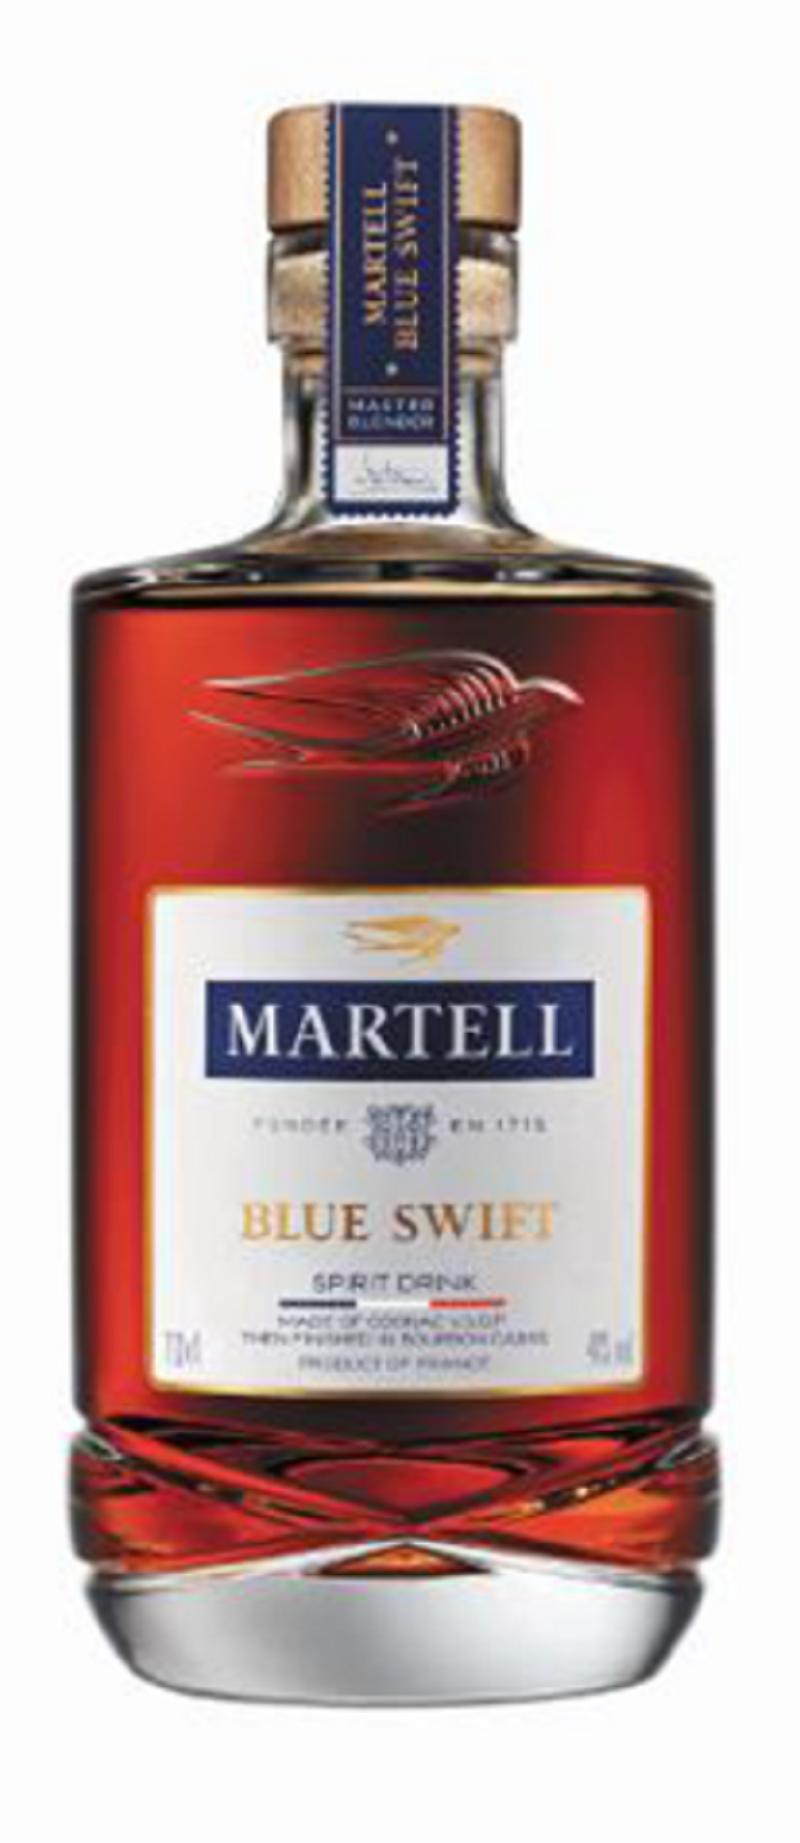 House of Martell Launches a Unique Cognac